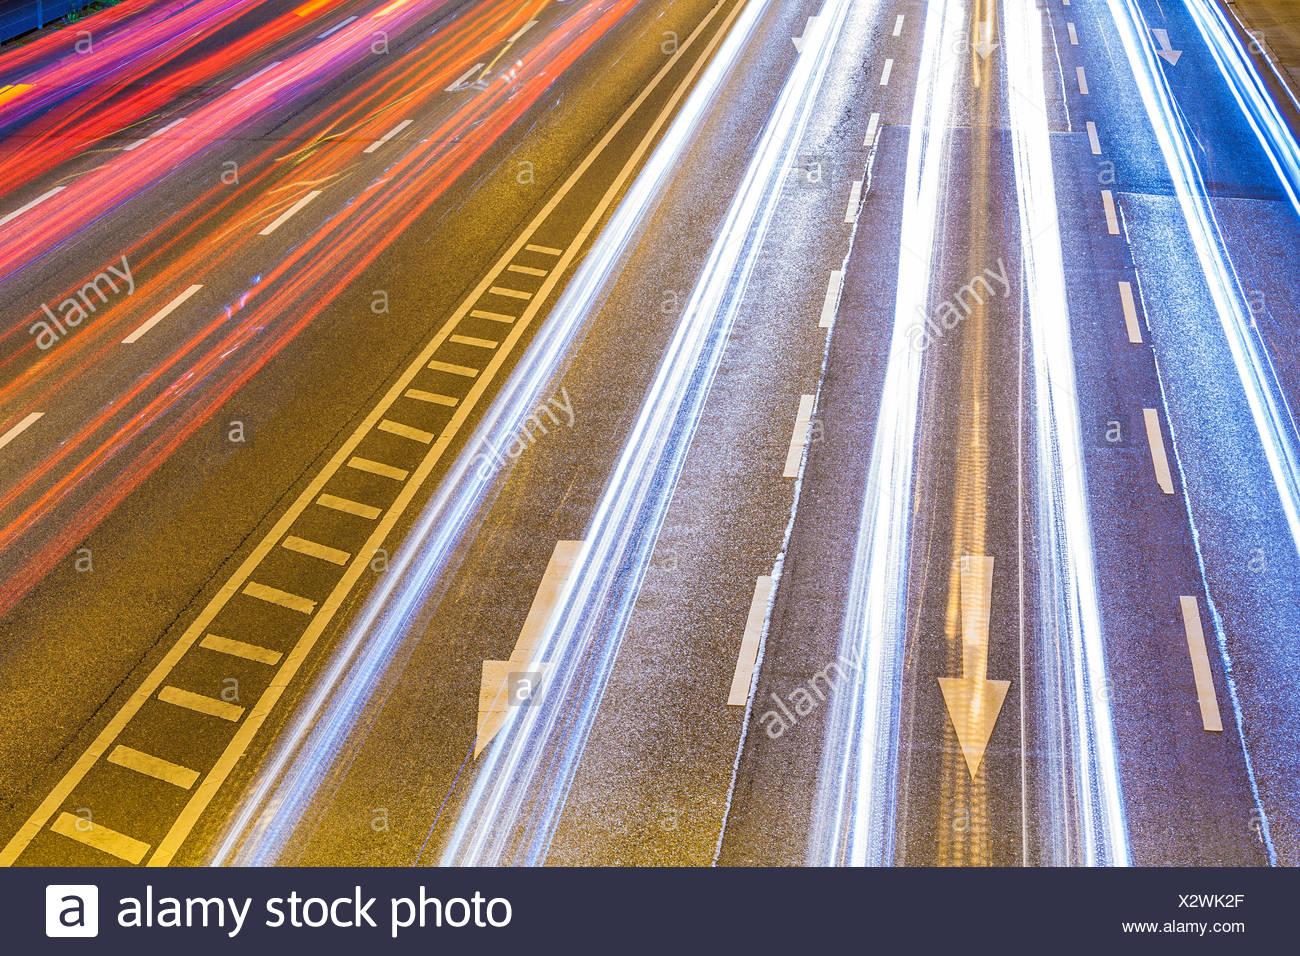 Deutschland, Baden-Württemberg, Stuttgart, B14, Bundesstraße, Lichtspuren bei Nacht, Pfeile, Verkehr, Straßenverkehr, Richtung - Stock Image